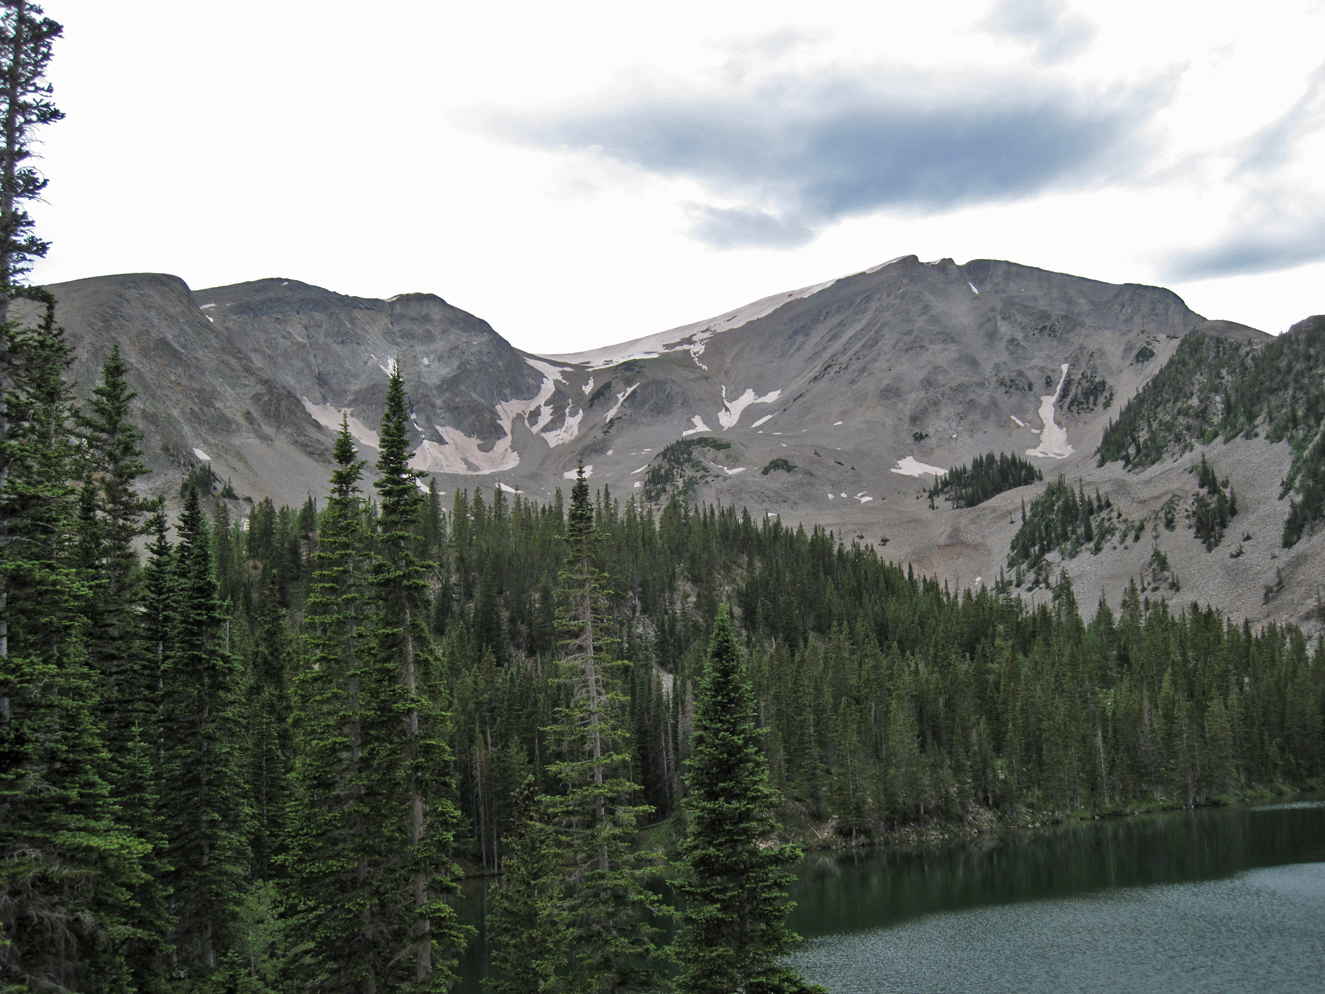 Mount Sopris from Thomas Lakes